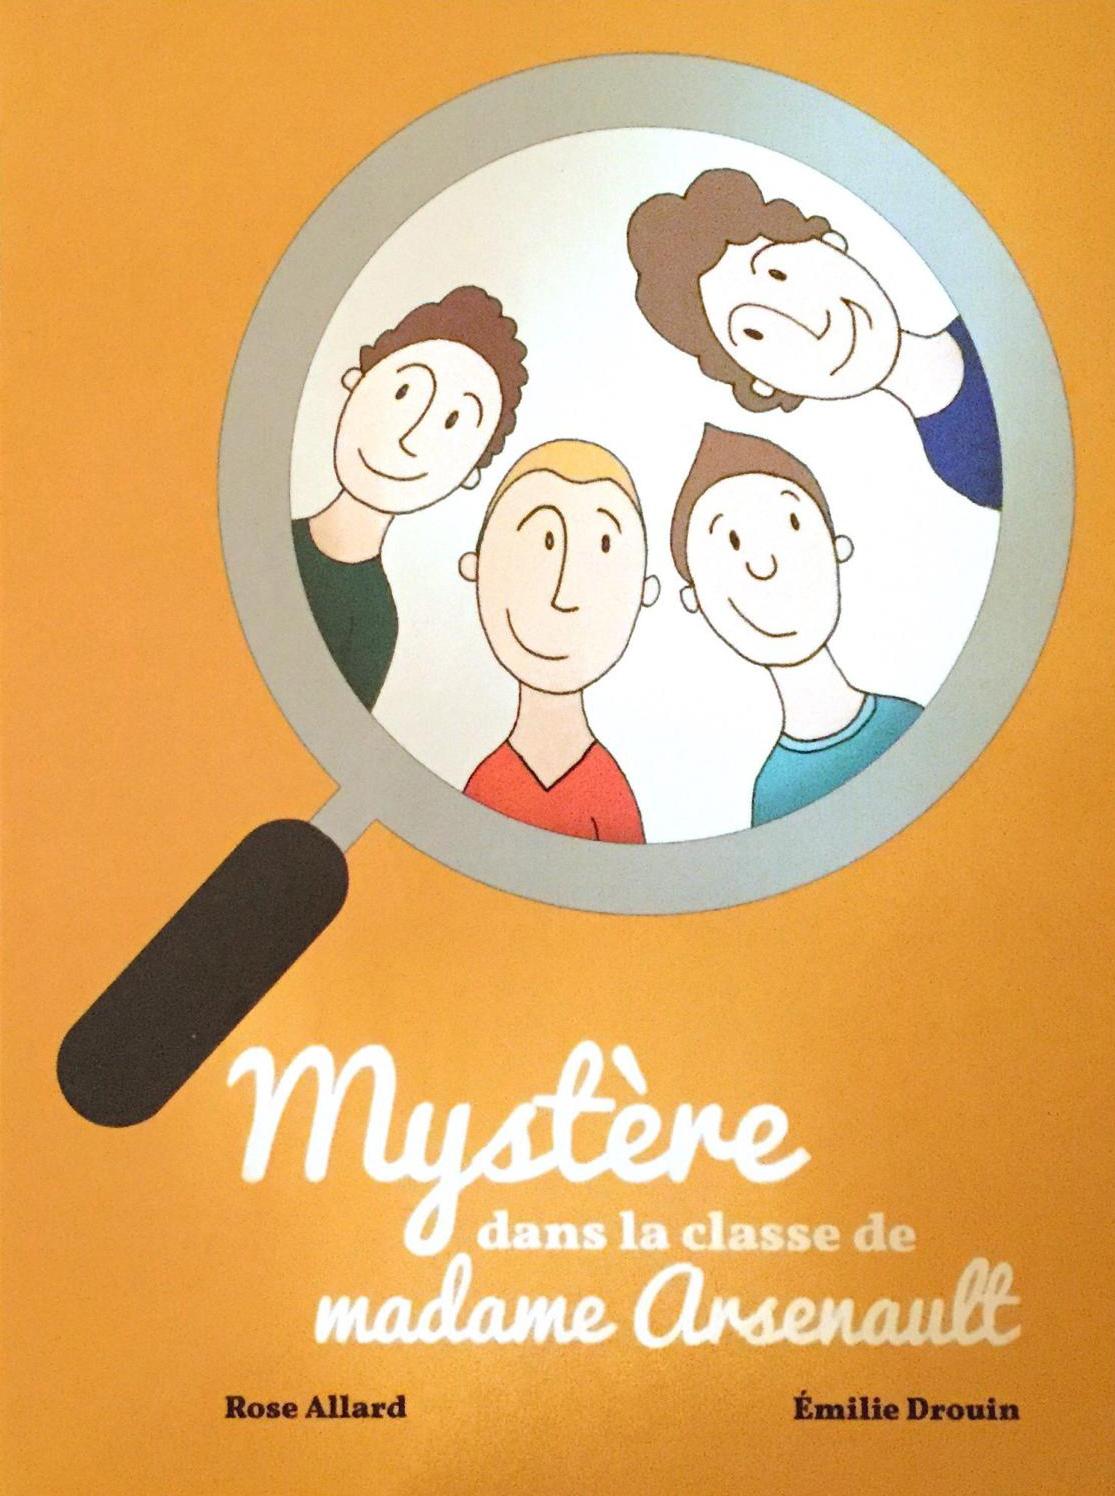 Mystère dans la classe de madame Arsenault